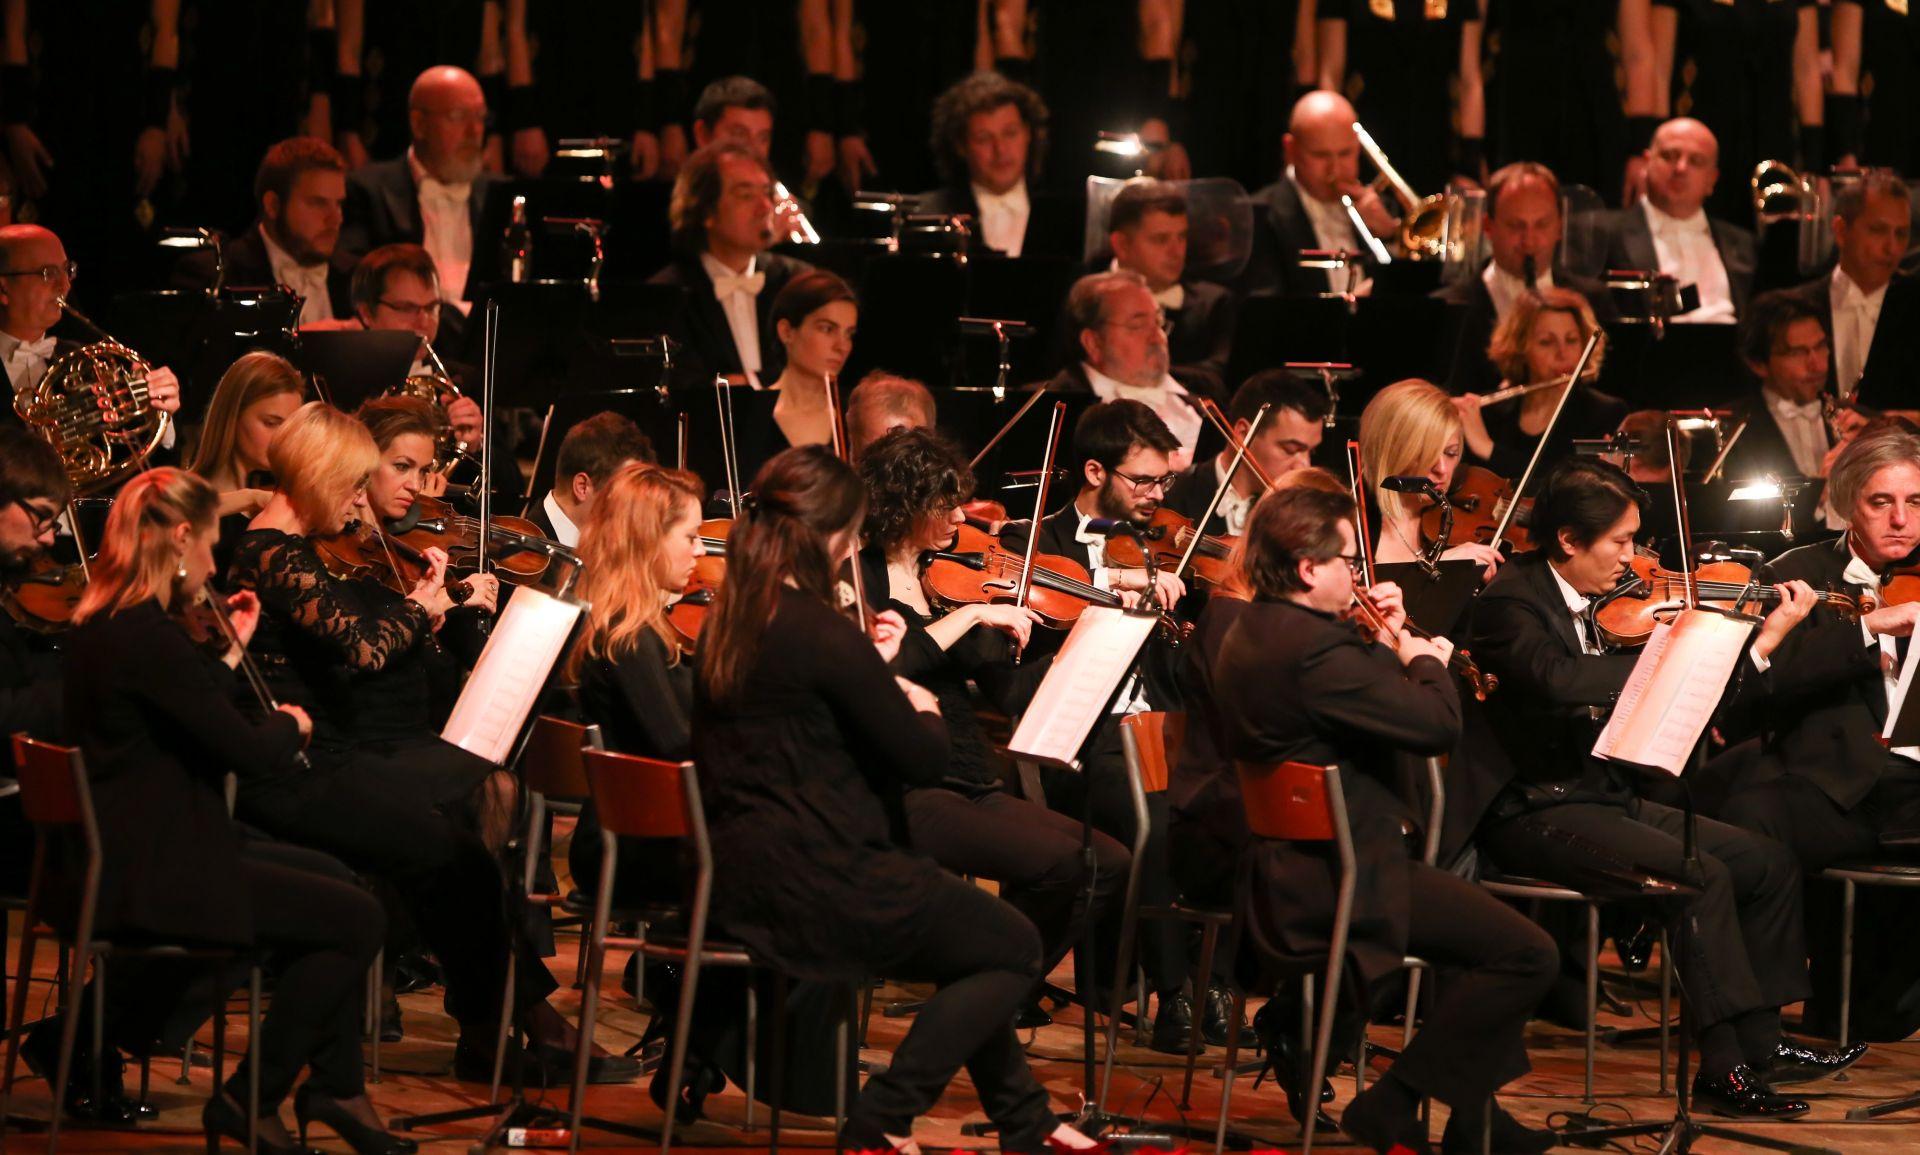 Zagrebačka filharmonija ponovno nastupa u prestižnoj dvorani u Salzburgu